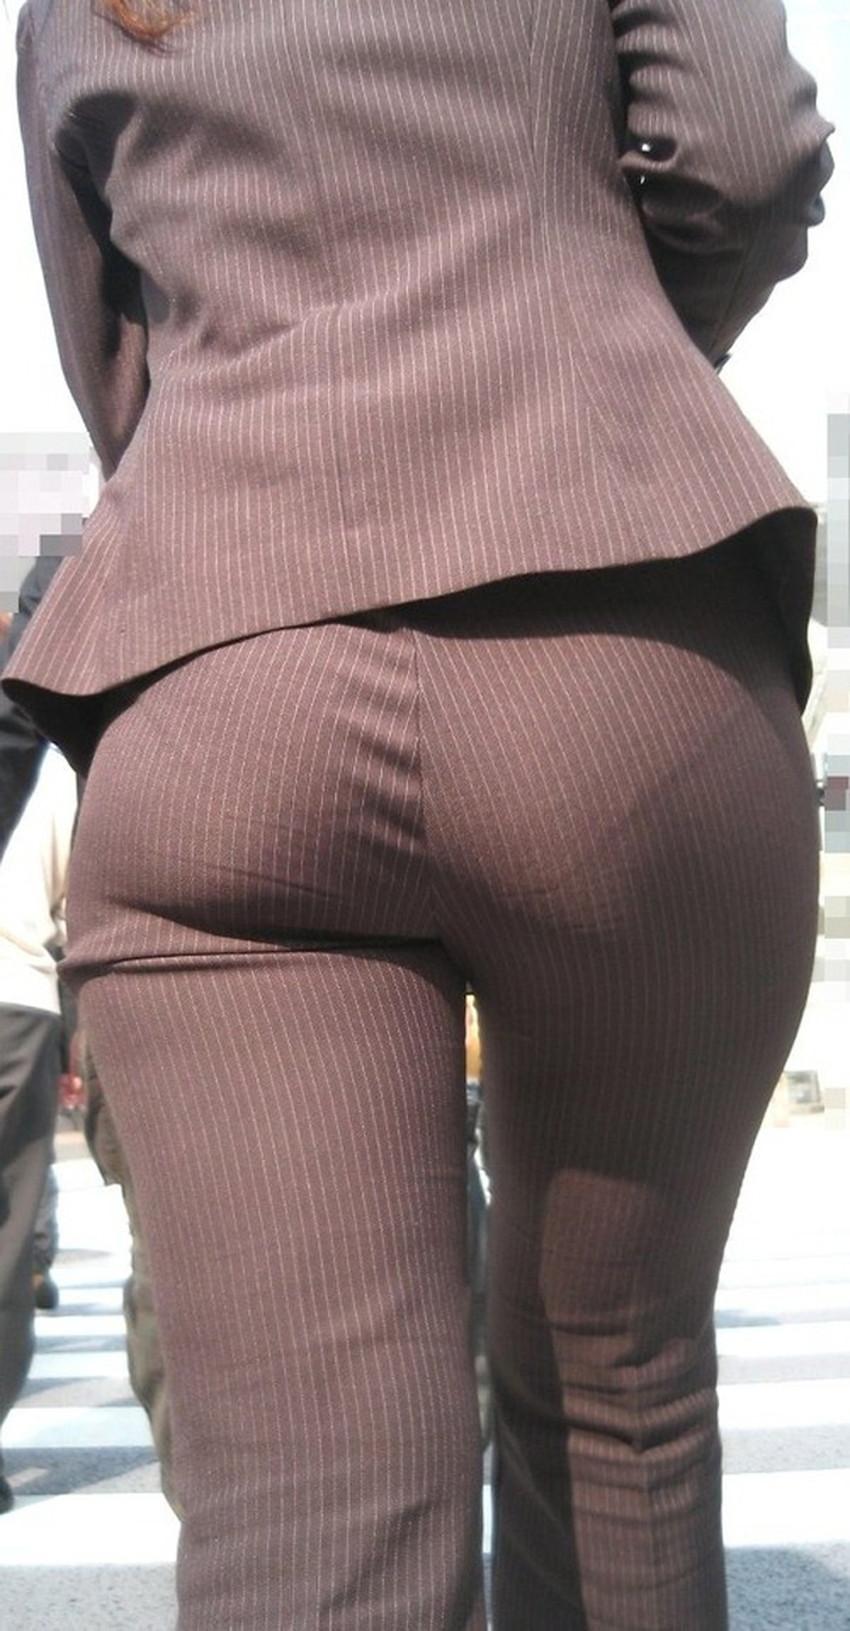 【パンツスーツOLエロ画像】パンツスーツOLのデカ尻から浮かび上がるパンティーラインが一番美しい!ww仕事や休憩中のOLのパン線を隠し撮りしたパンツスーツOLのエロ画像集!ww【80枚】 32